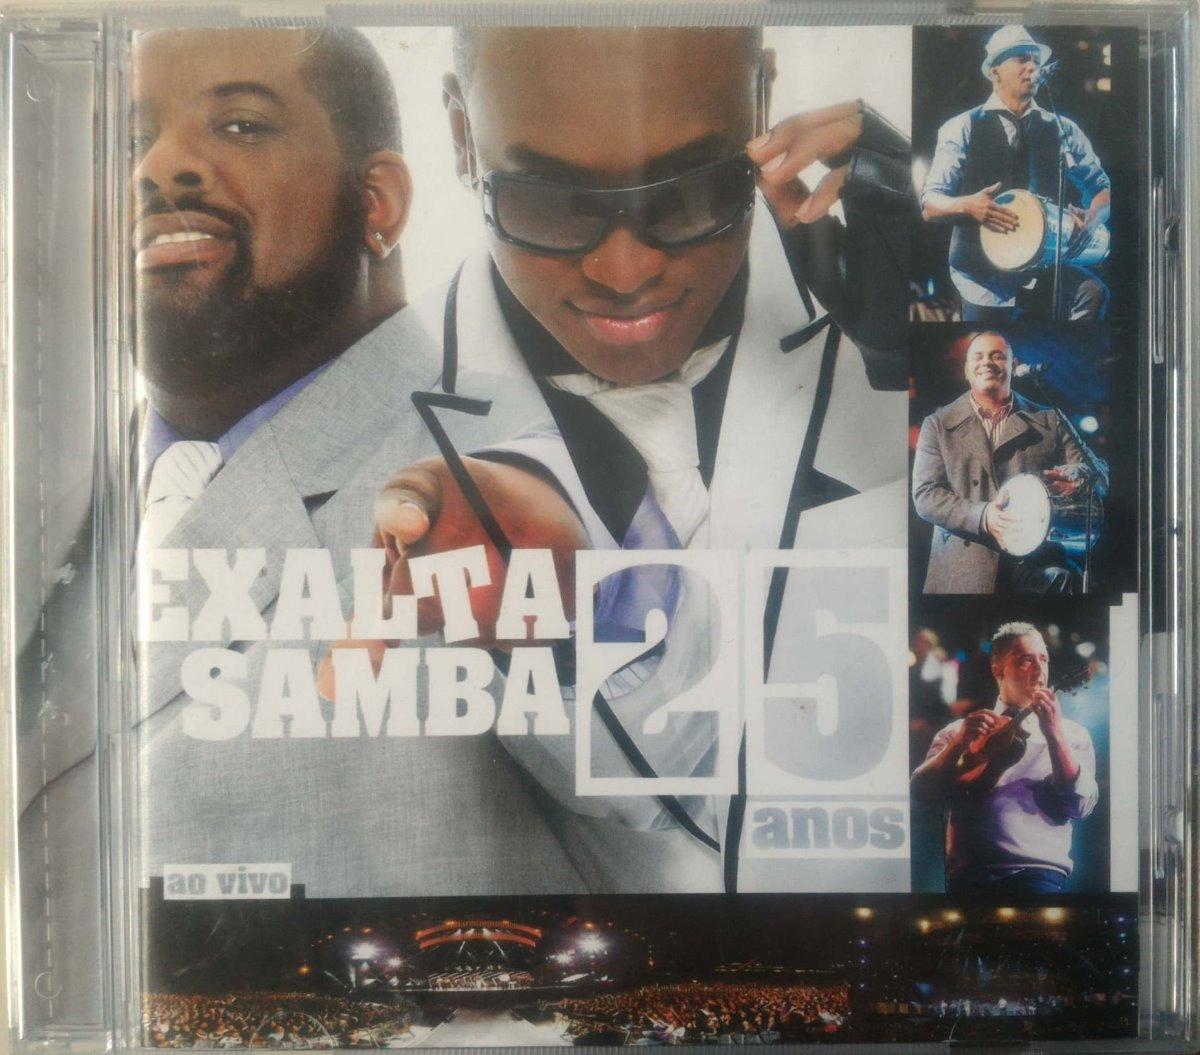 cd gratis de exaltasamba 2010